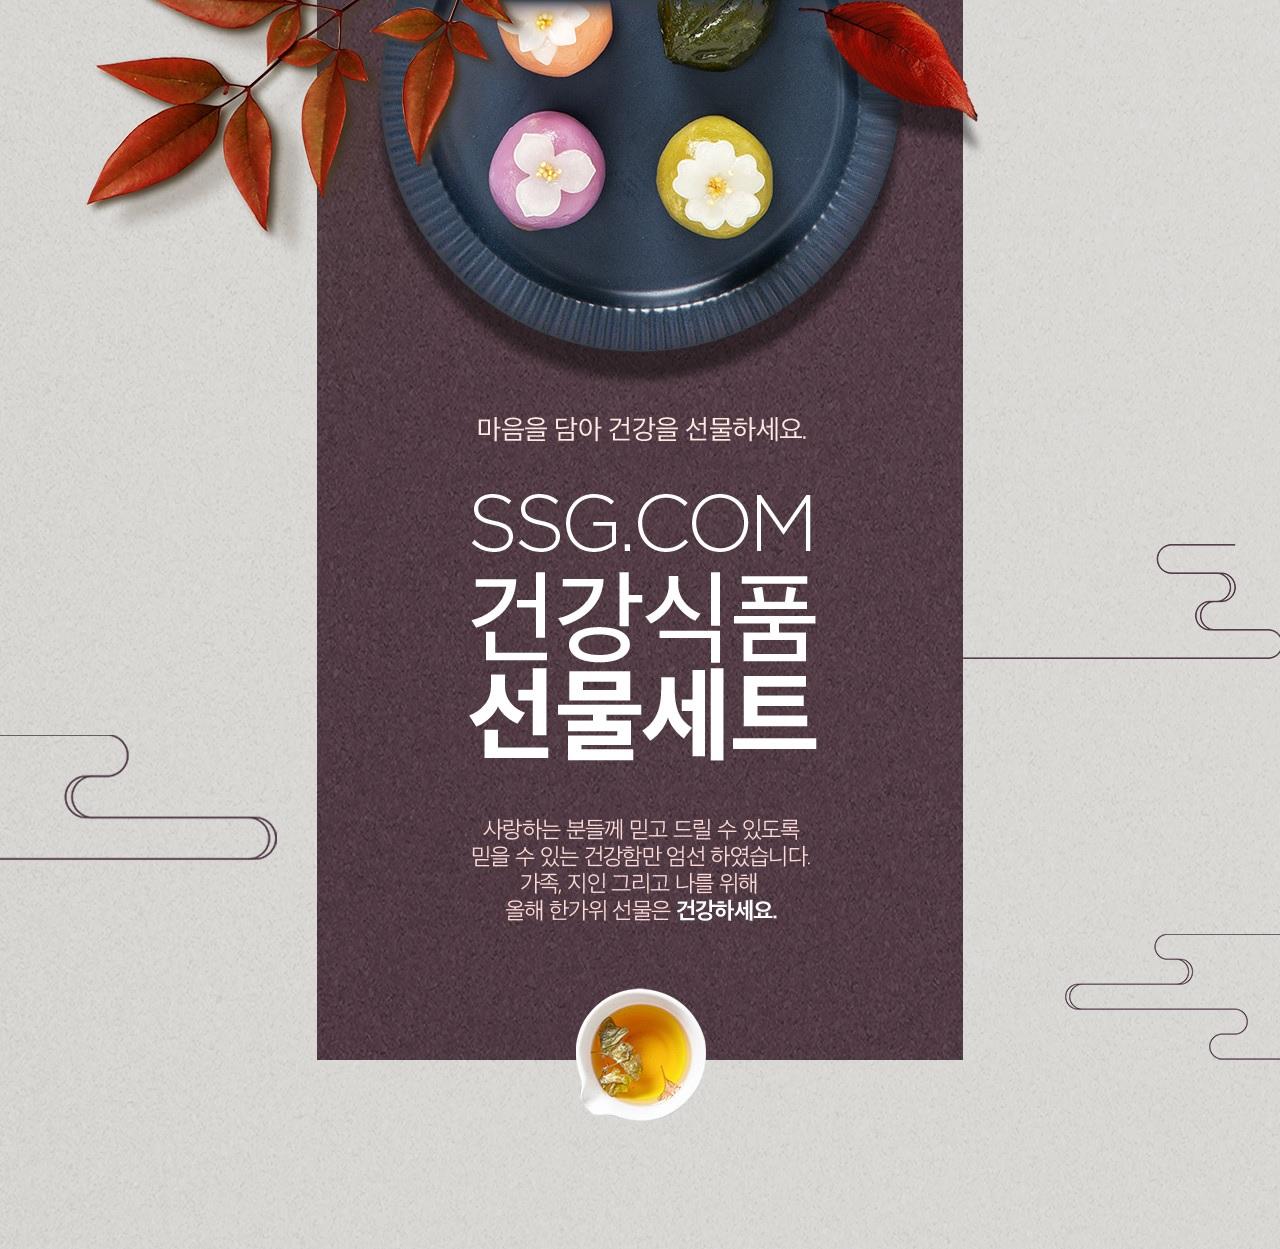 마음을 담아 건강을 선물하세요. SSG.COM 건강식품 선물세트